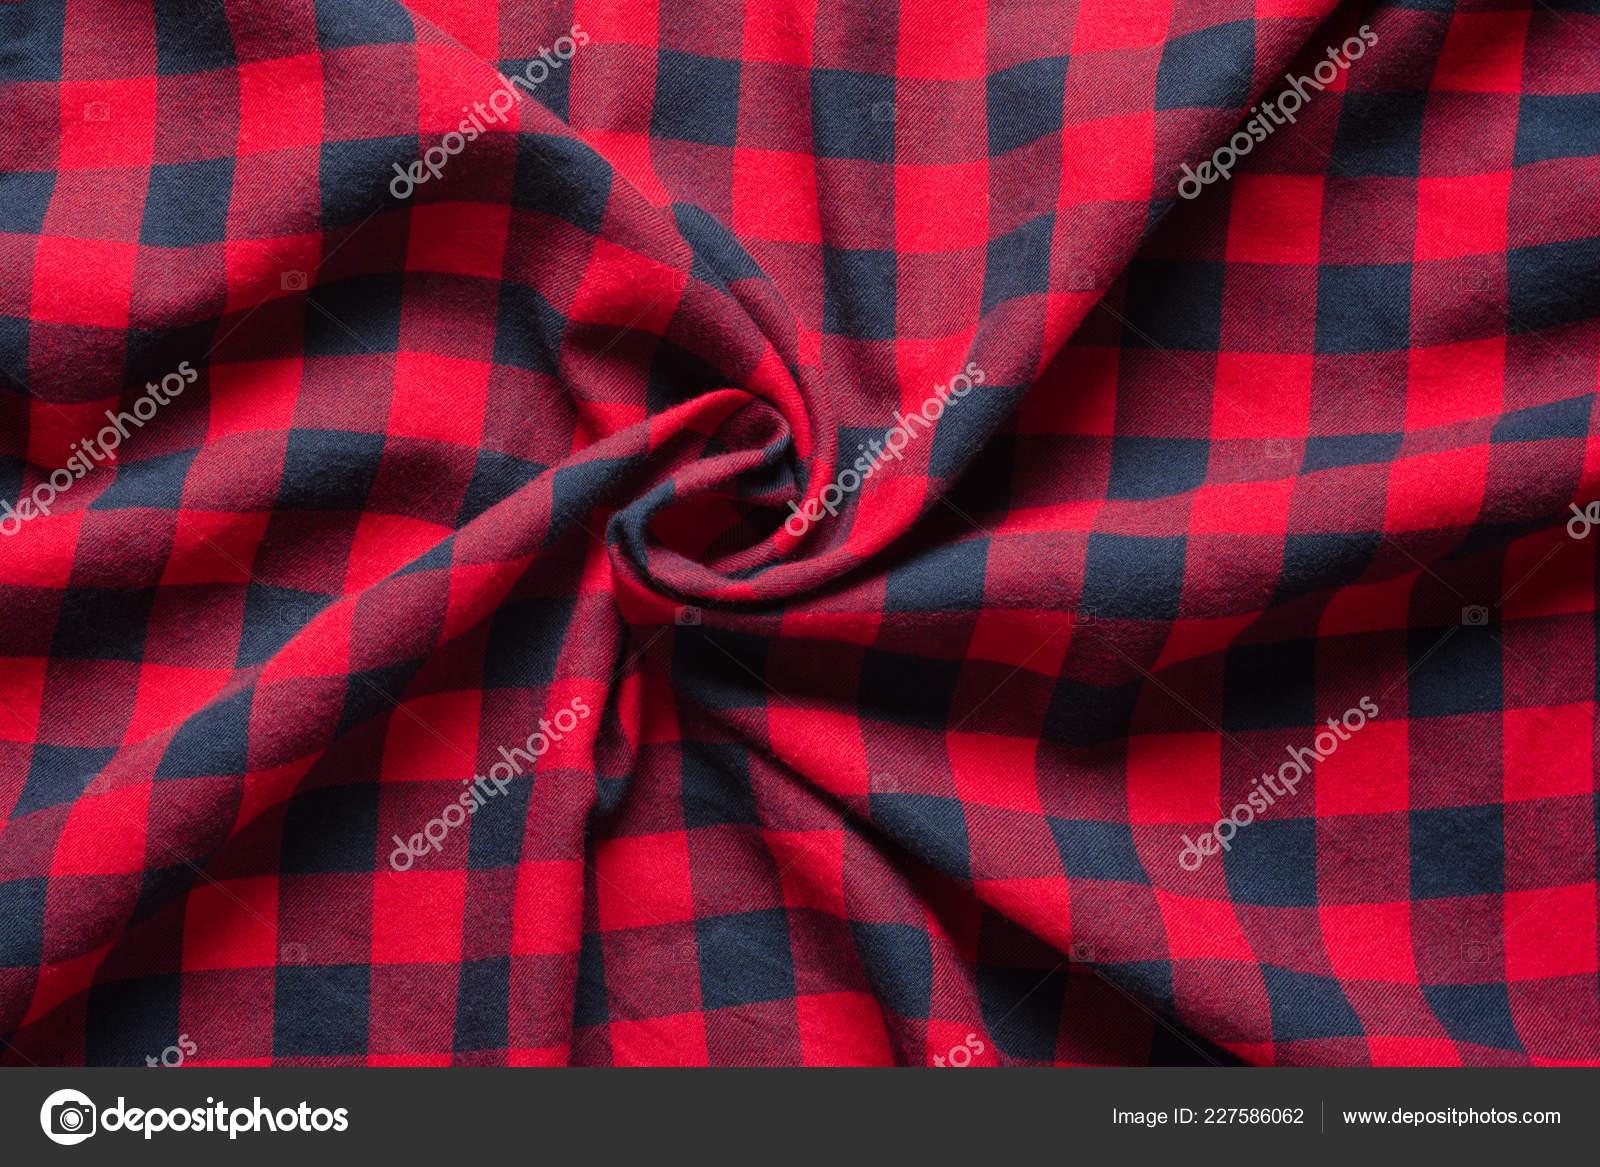 c6fce589c1 Material de xadrez enrugado. Fundo de pano vermelho camisa quadriculada azul  escuro. Torceu a amostra de tecido do centro — Foto de V_Sot